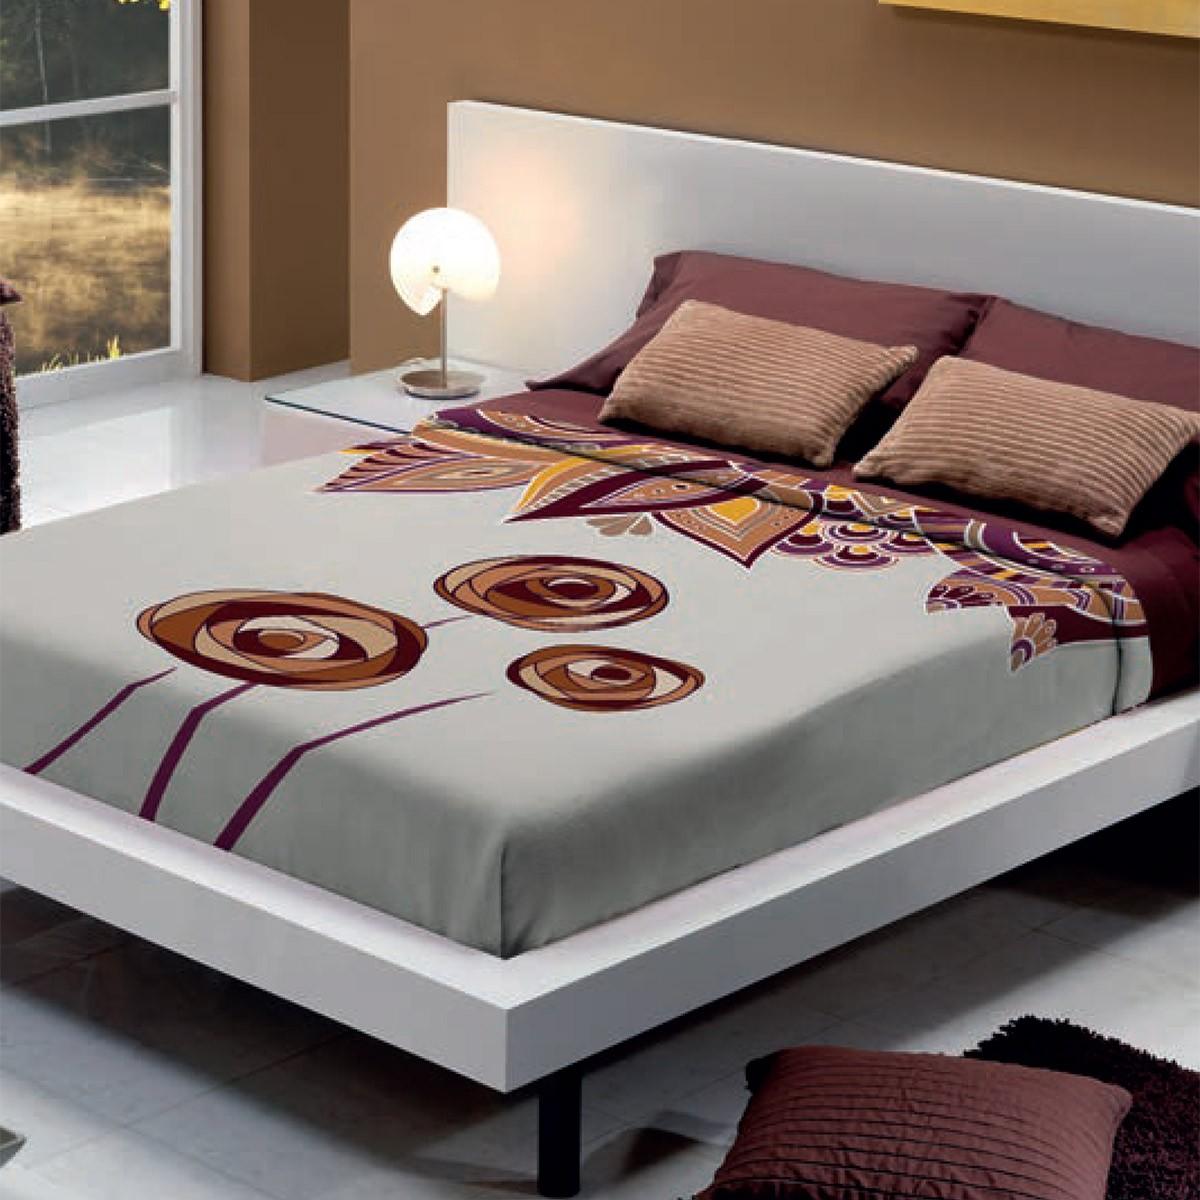 Κουβέρτα Βελουτέ Υπέρδιπλη Manterol Vip 559 C06